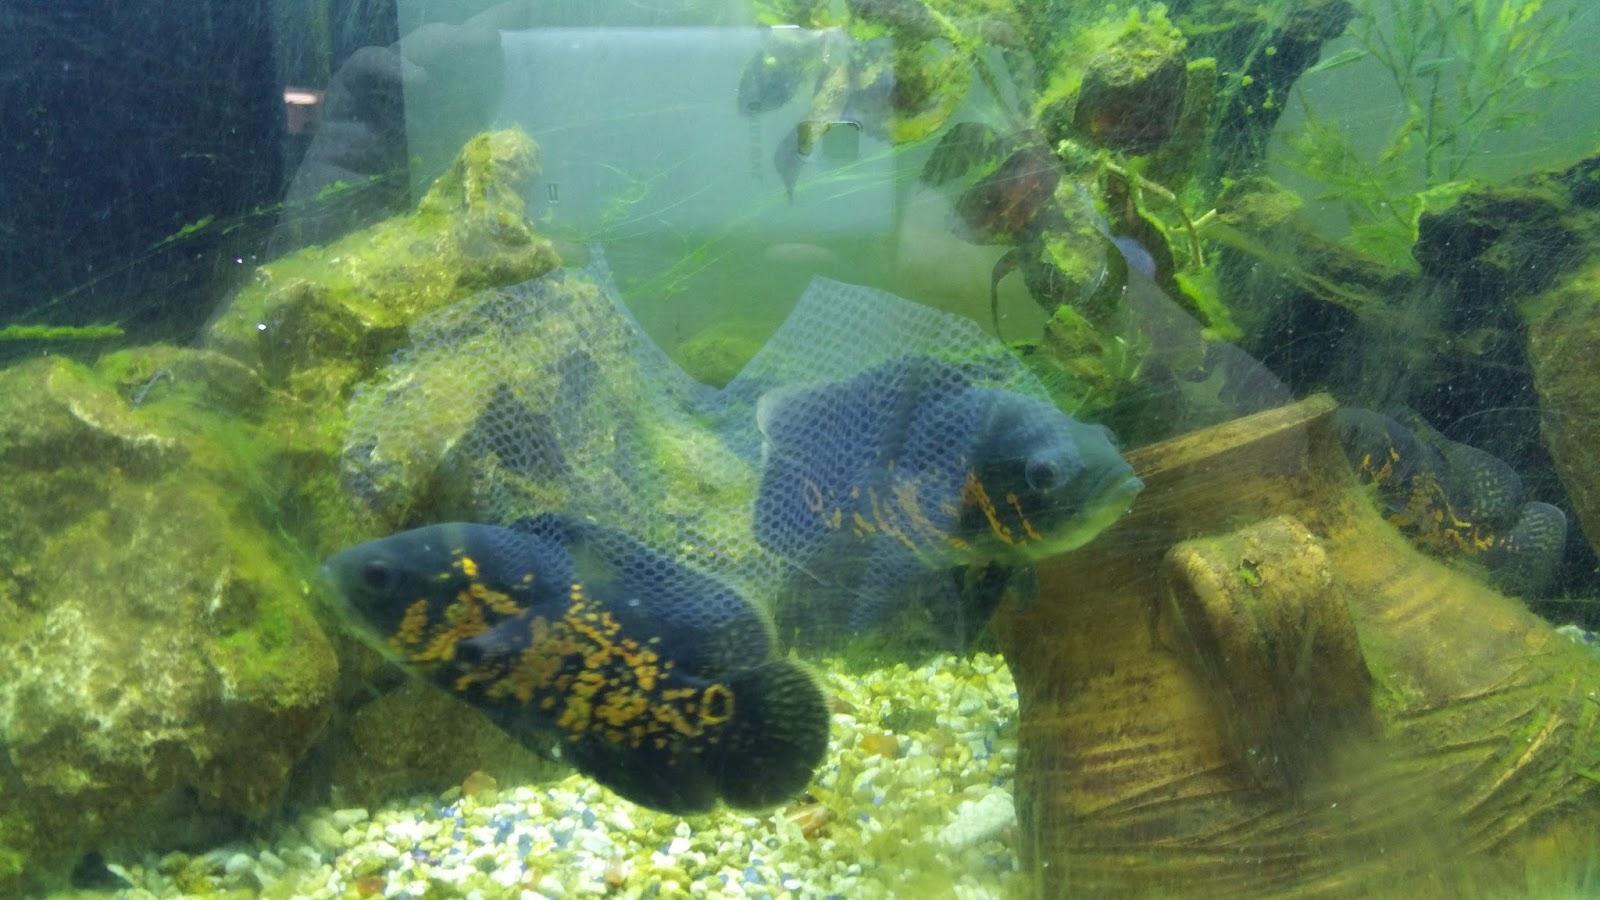 Pirana aquarium pesci tropicali d 39 acqua dolce i ciclidi for Pesci acqua dolce commestibili